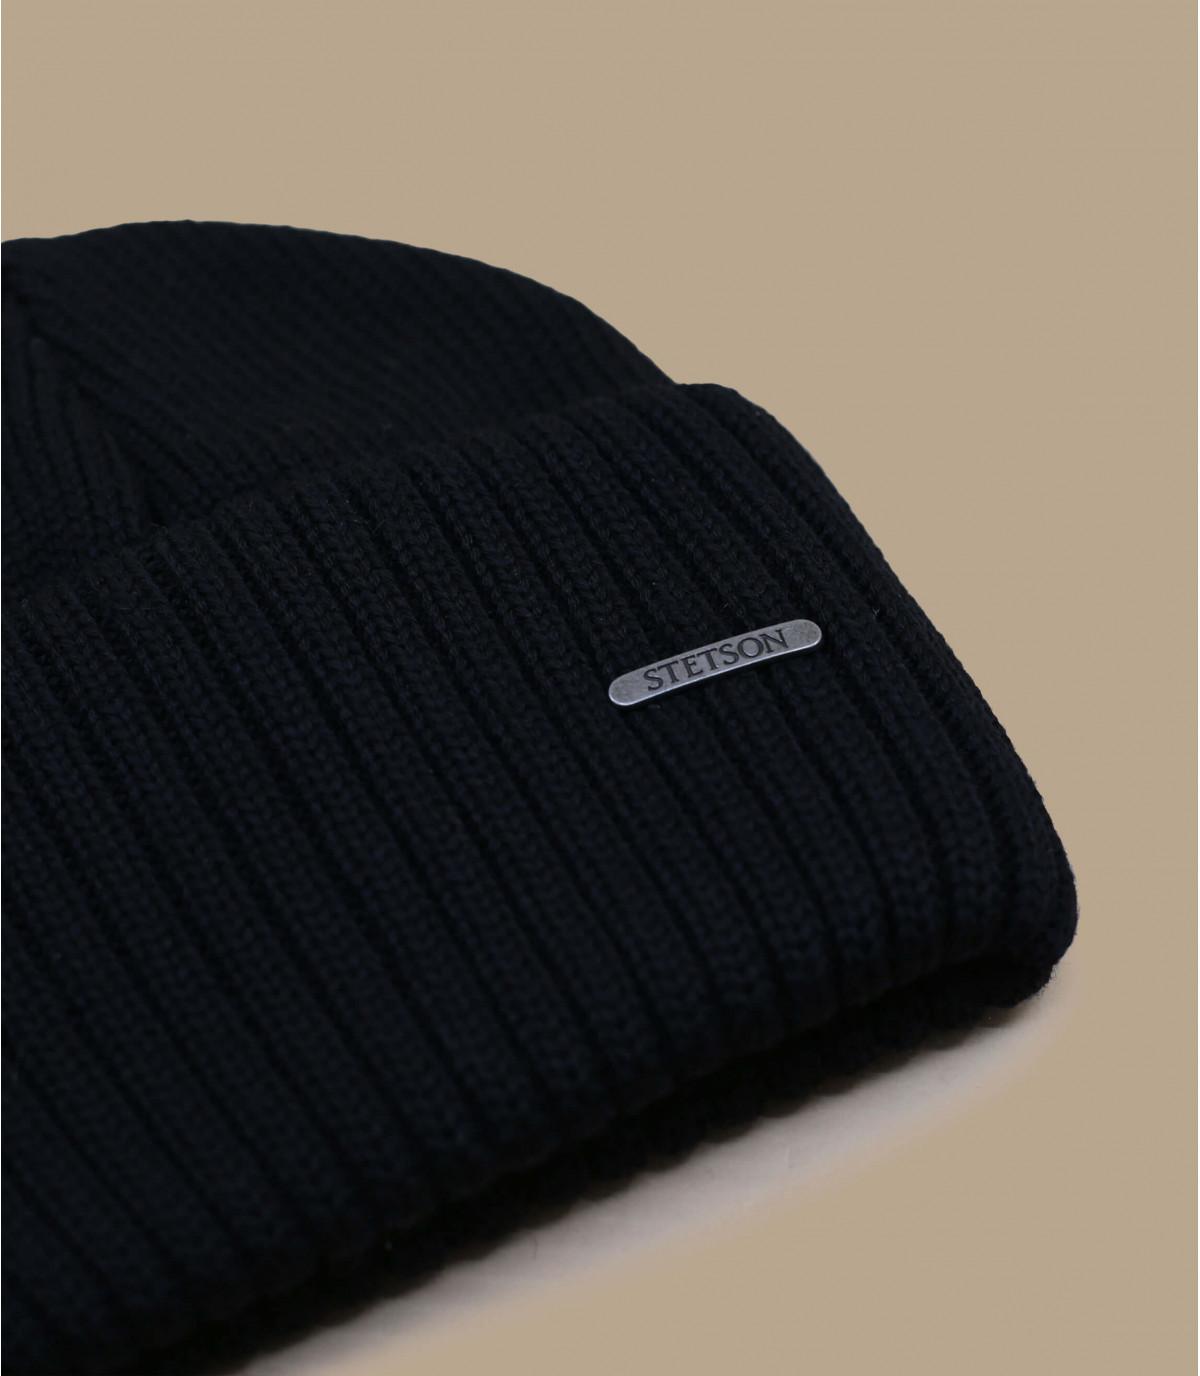 mütze schwarz Stetson